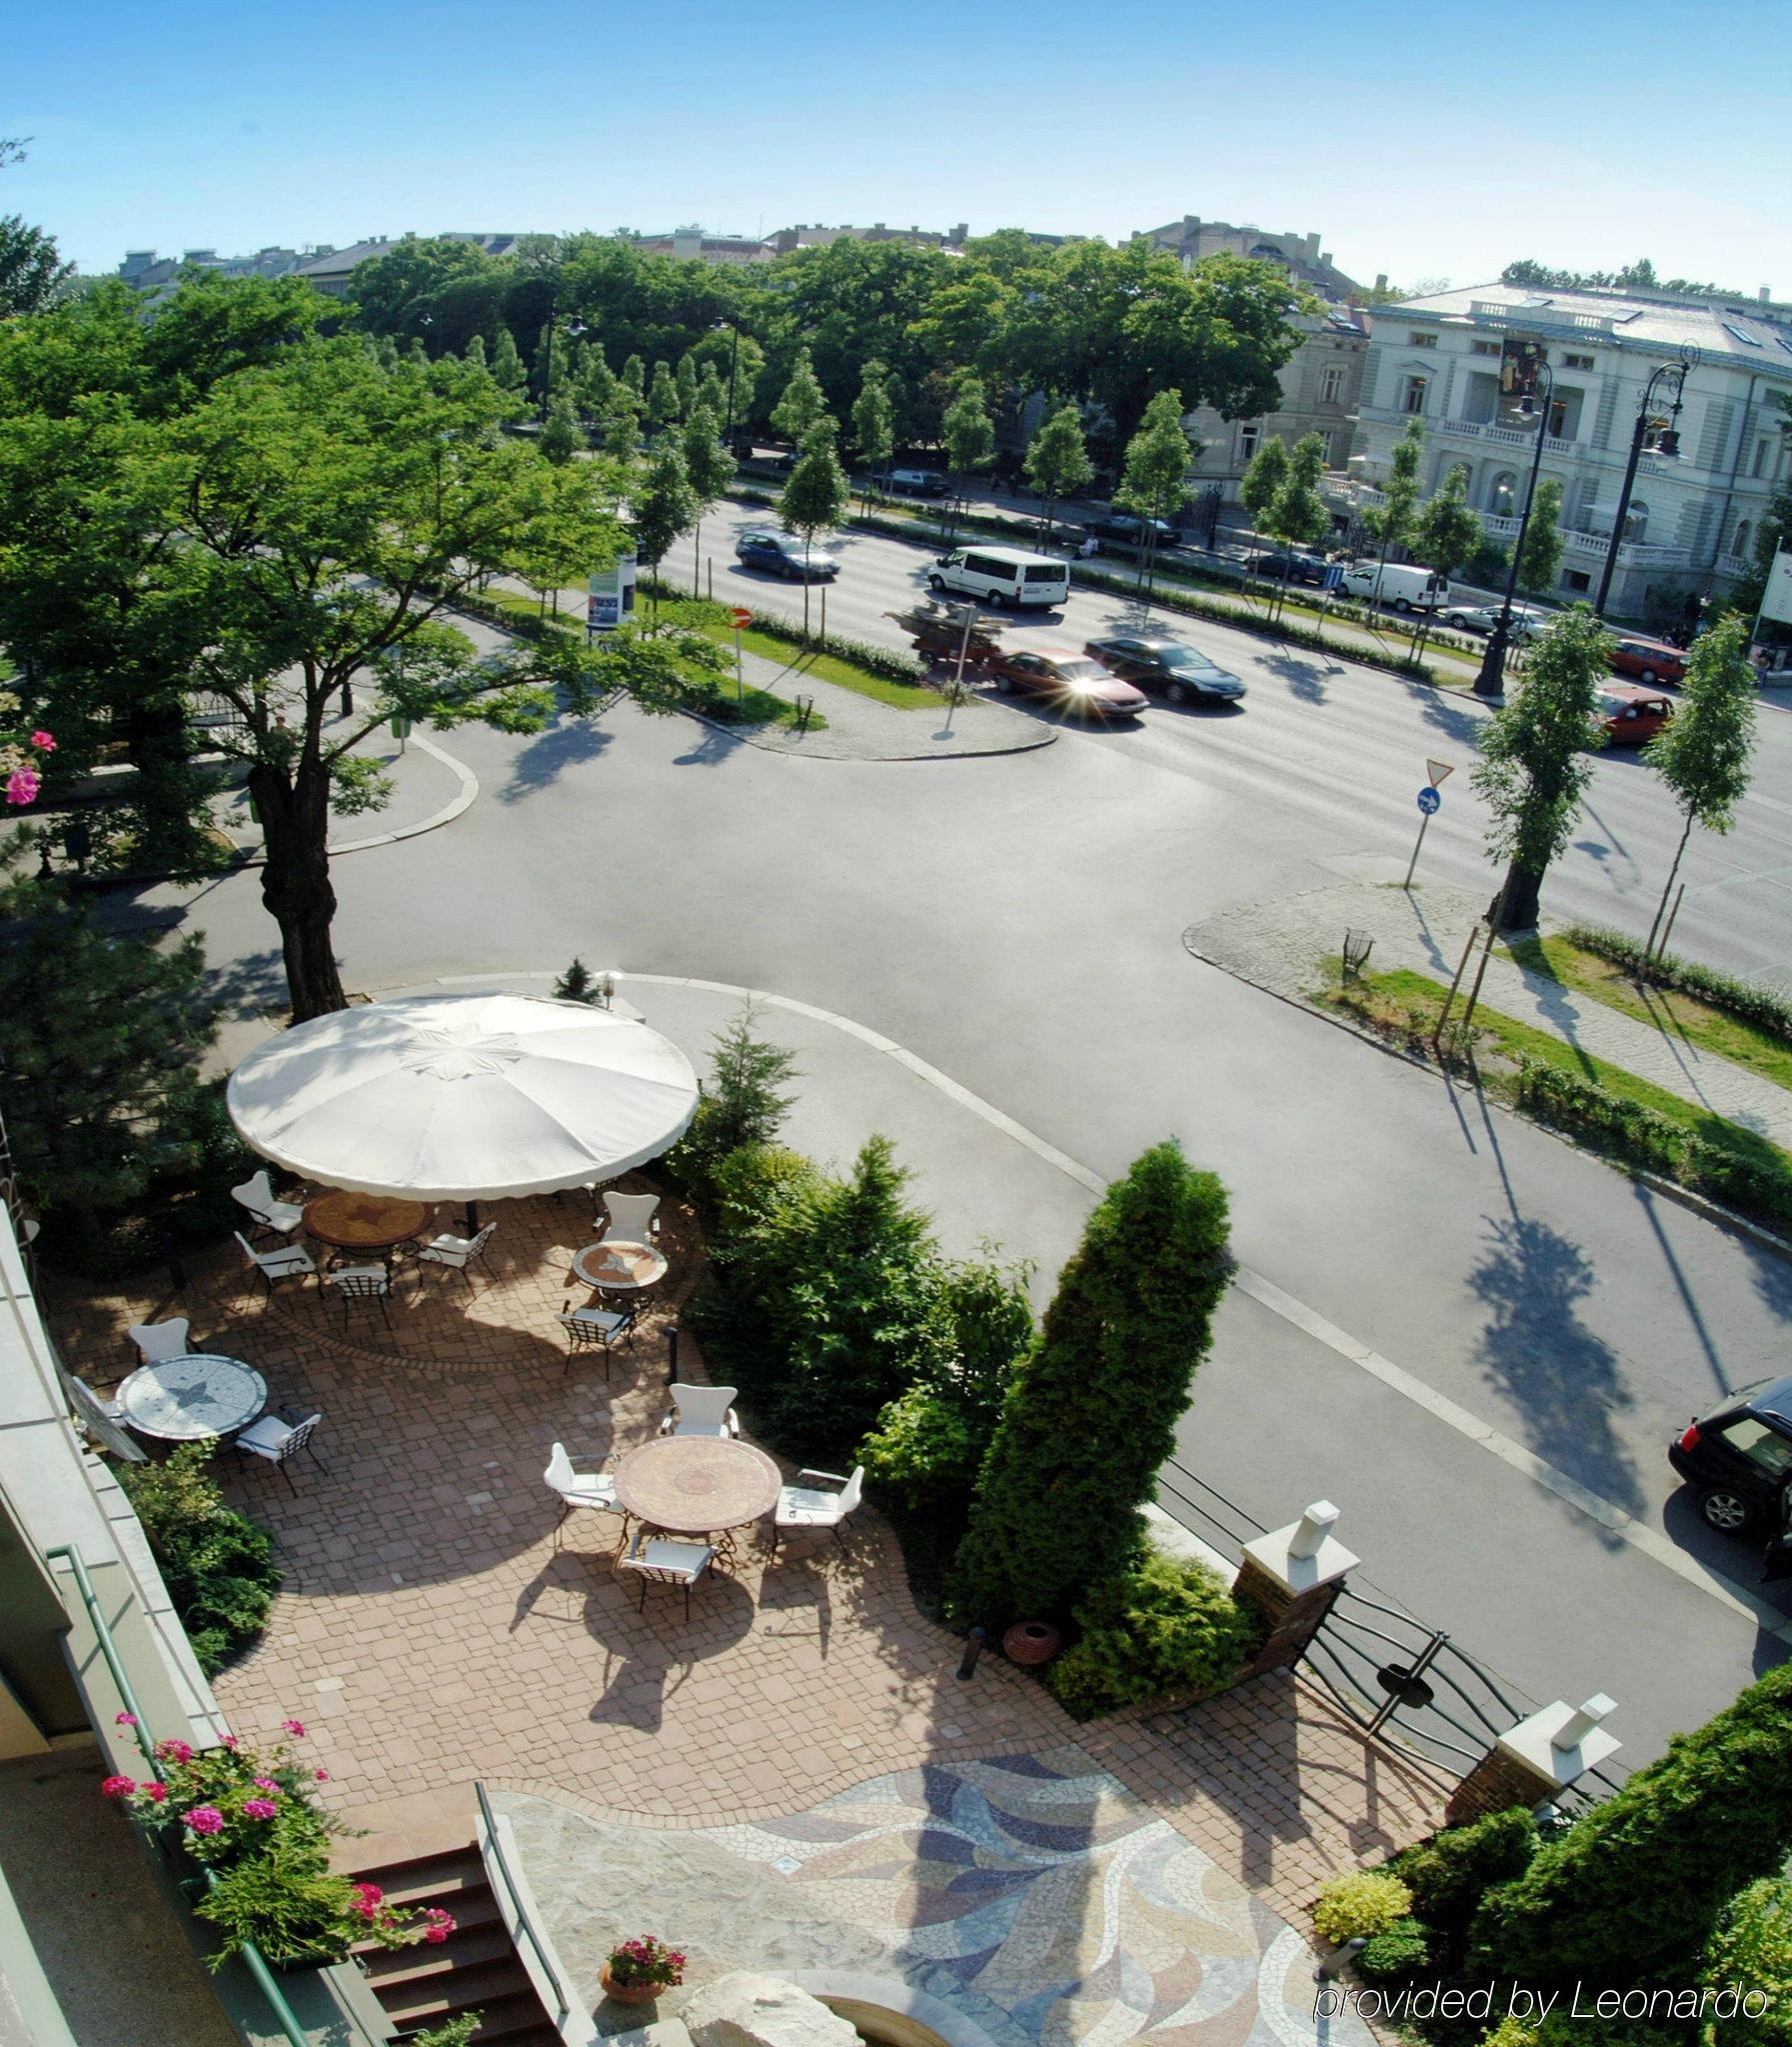 Mamaison Hotel Andr?ssy Budapest - Hungary - Budapest